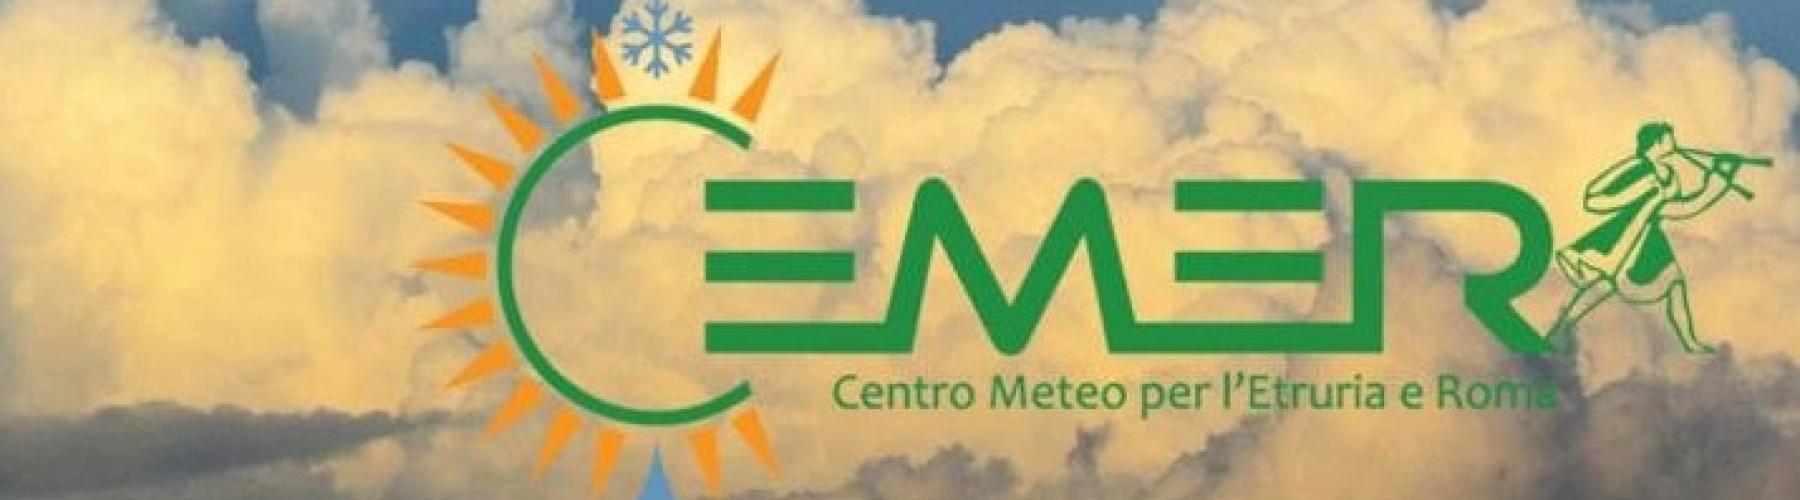 Copertina Cemer - Centro meteo per L'Etruria e Roma